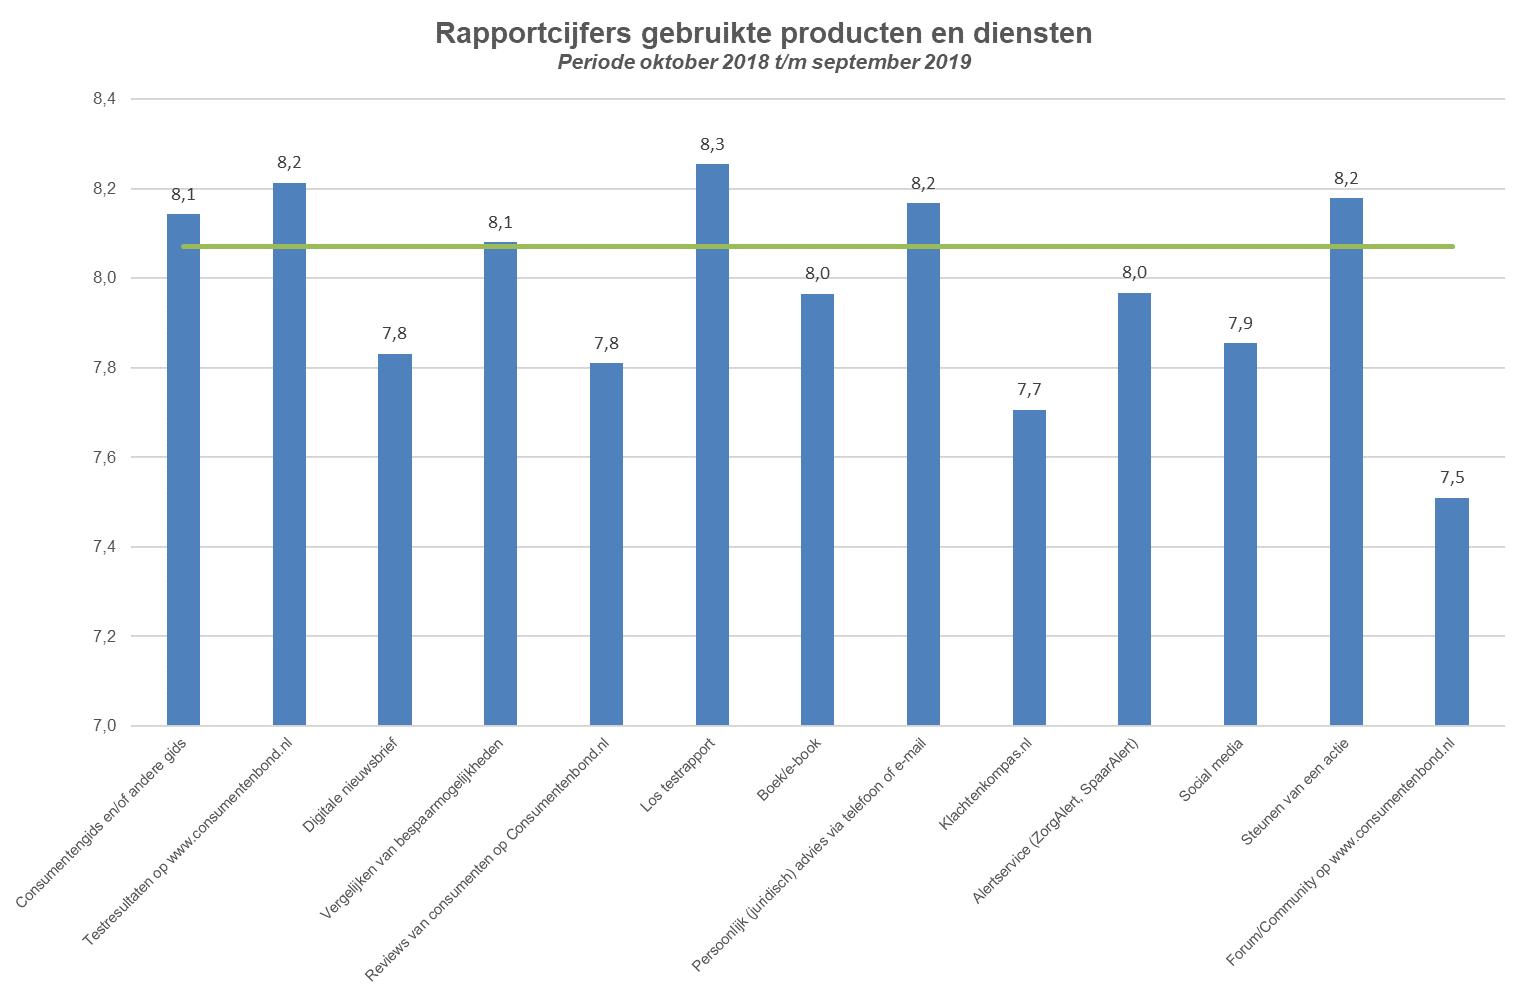 Rapportcijfers gebruikte producten en diensten 2018-2019